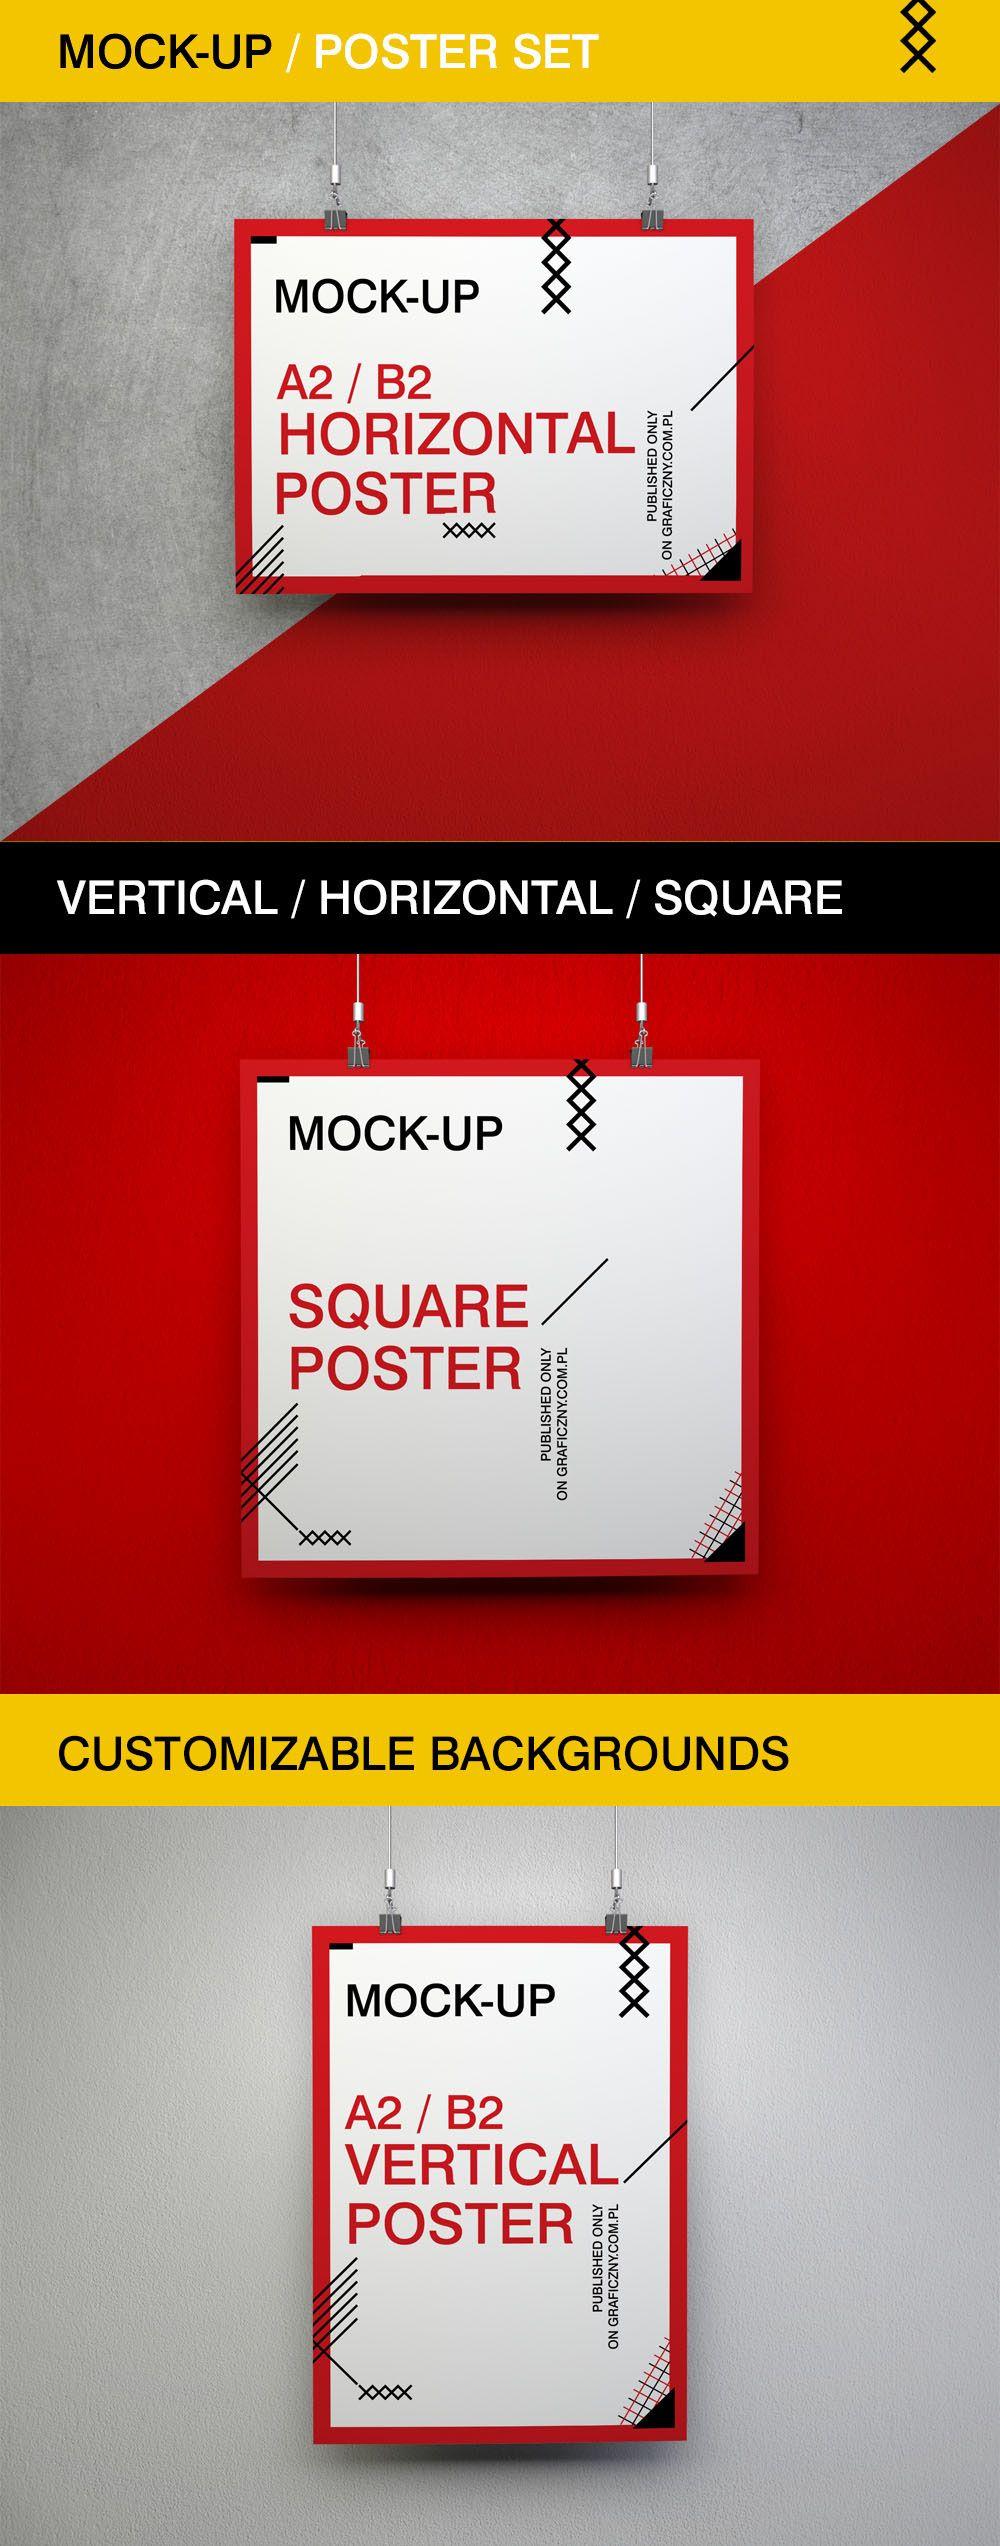 Free Poster Ser Mockups Poster Mockup Mockup Free Psd Mockup Design